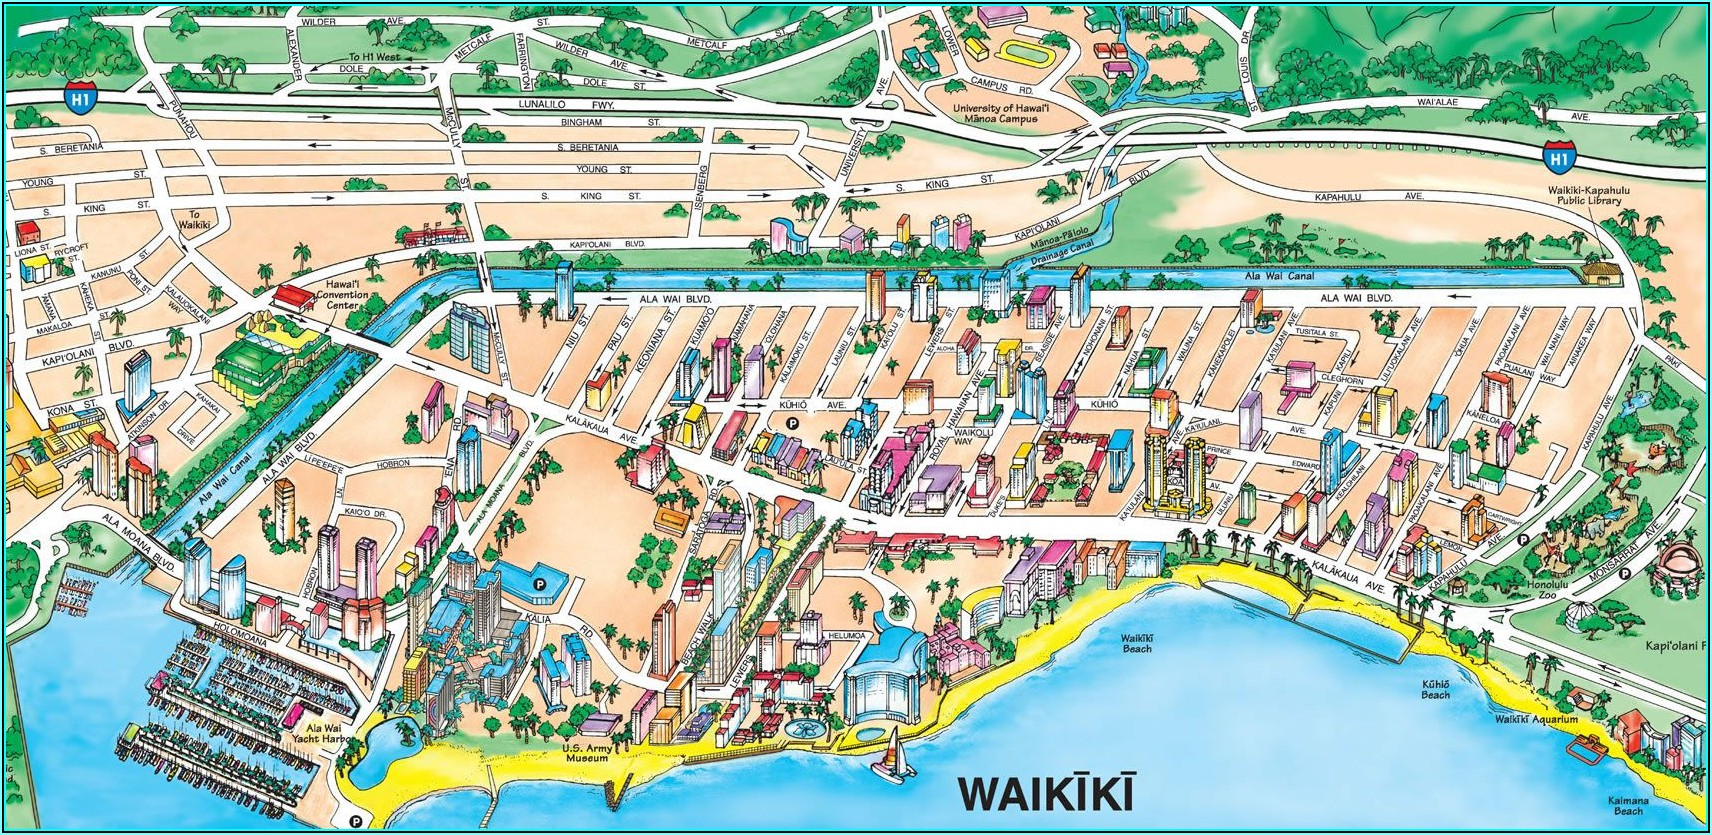 Hotels Along Waikiki Beach Map